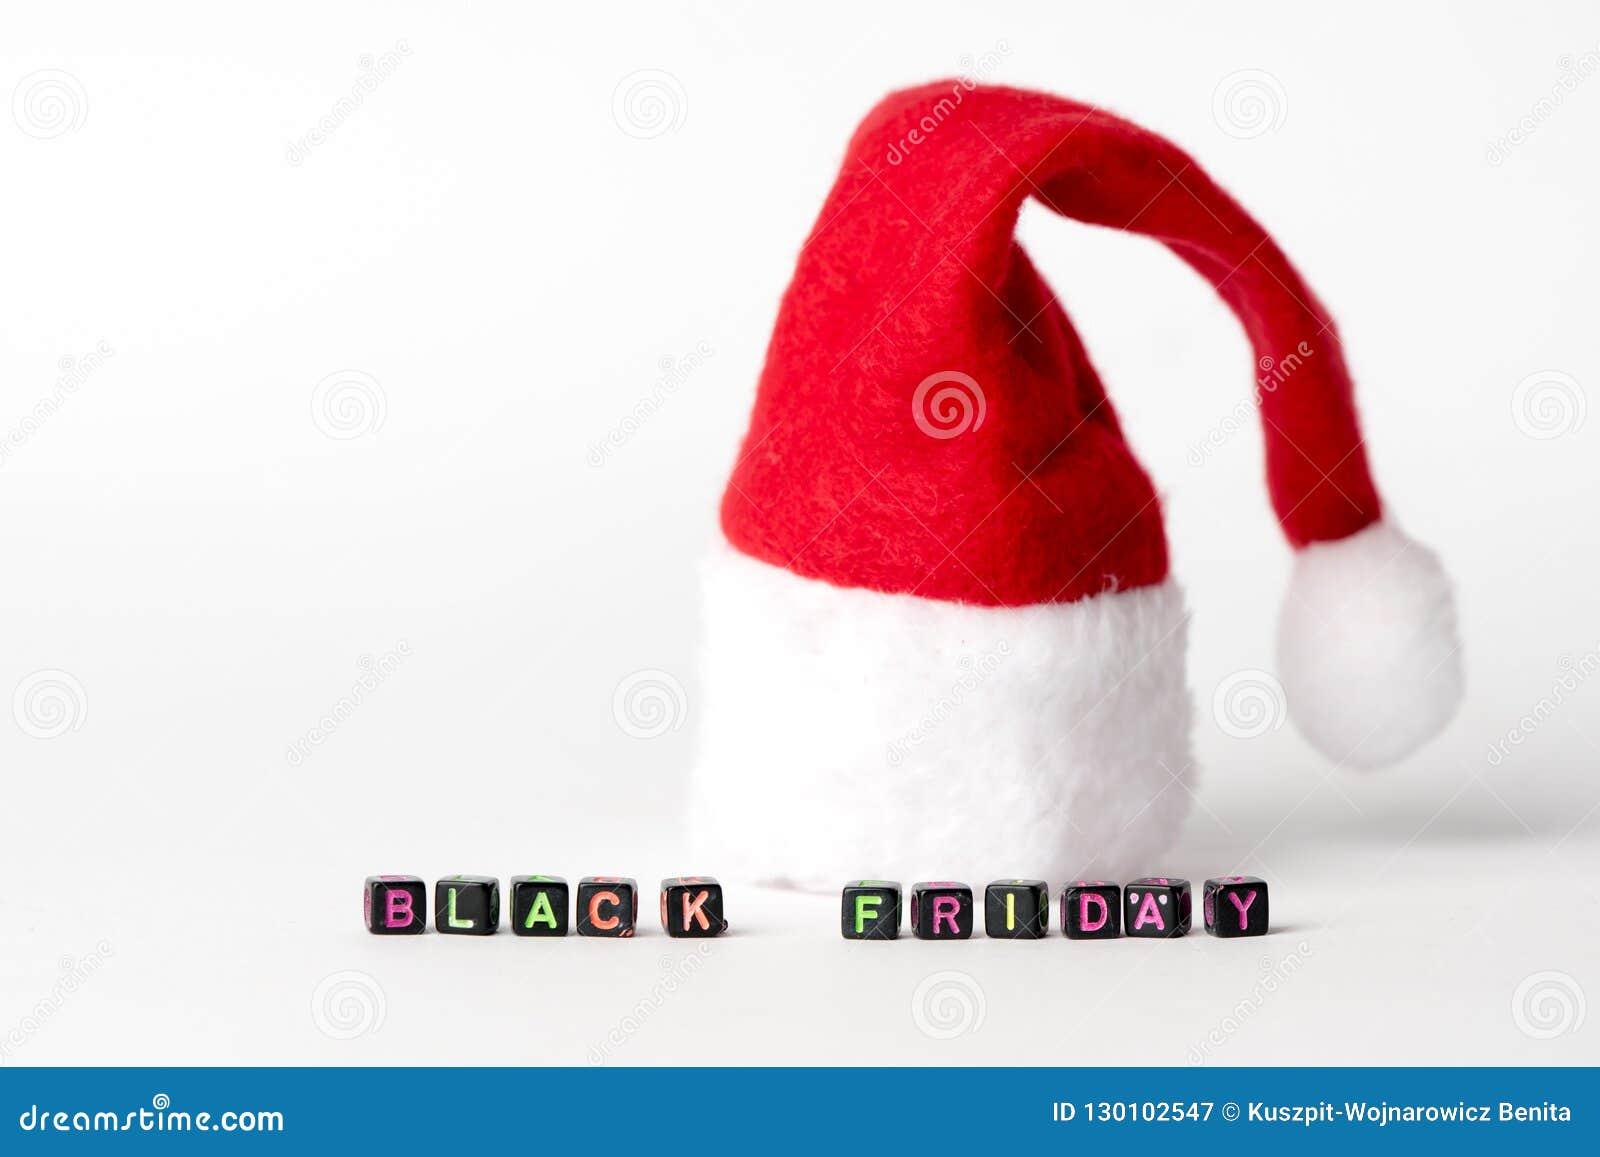 34ec01d282d94 Fundo Simbólico De Black Friday Imagem de Stock - Imagem de projeto ...